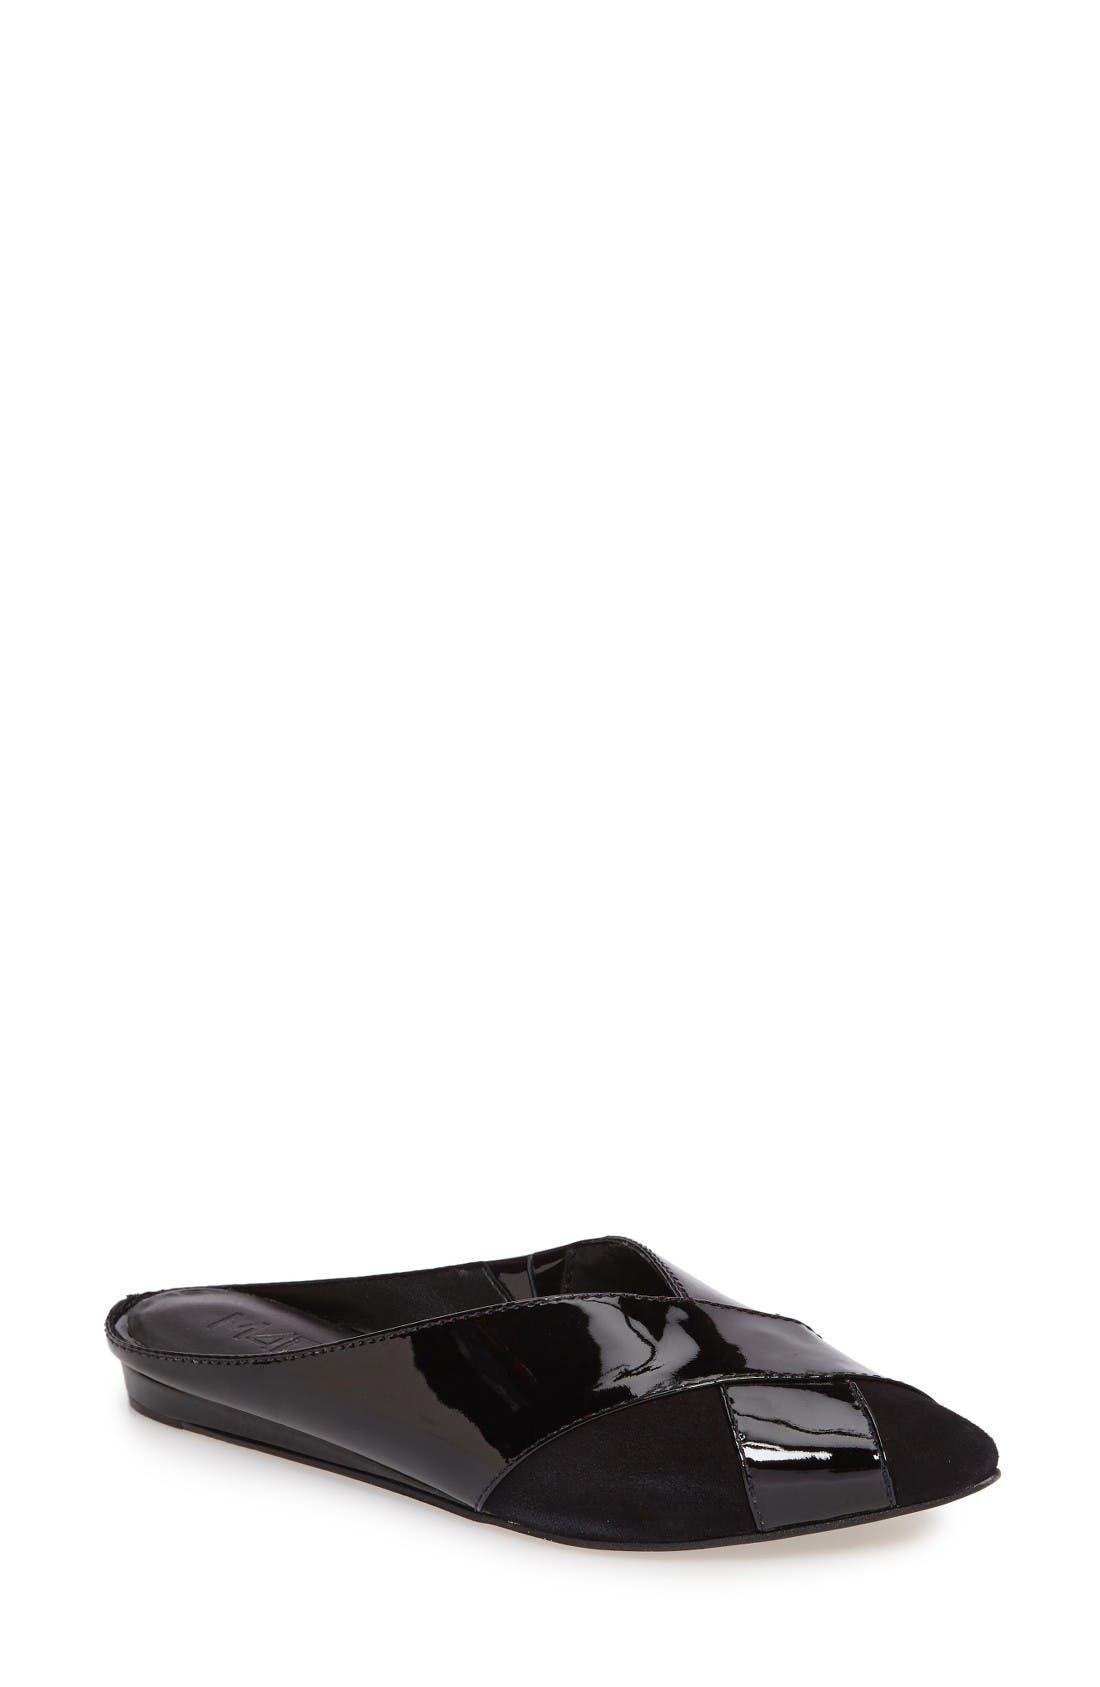 M4D3 FOOTWEAR M4D3 Dara Pointy-Toe Flat